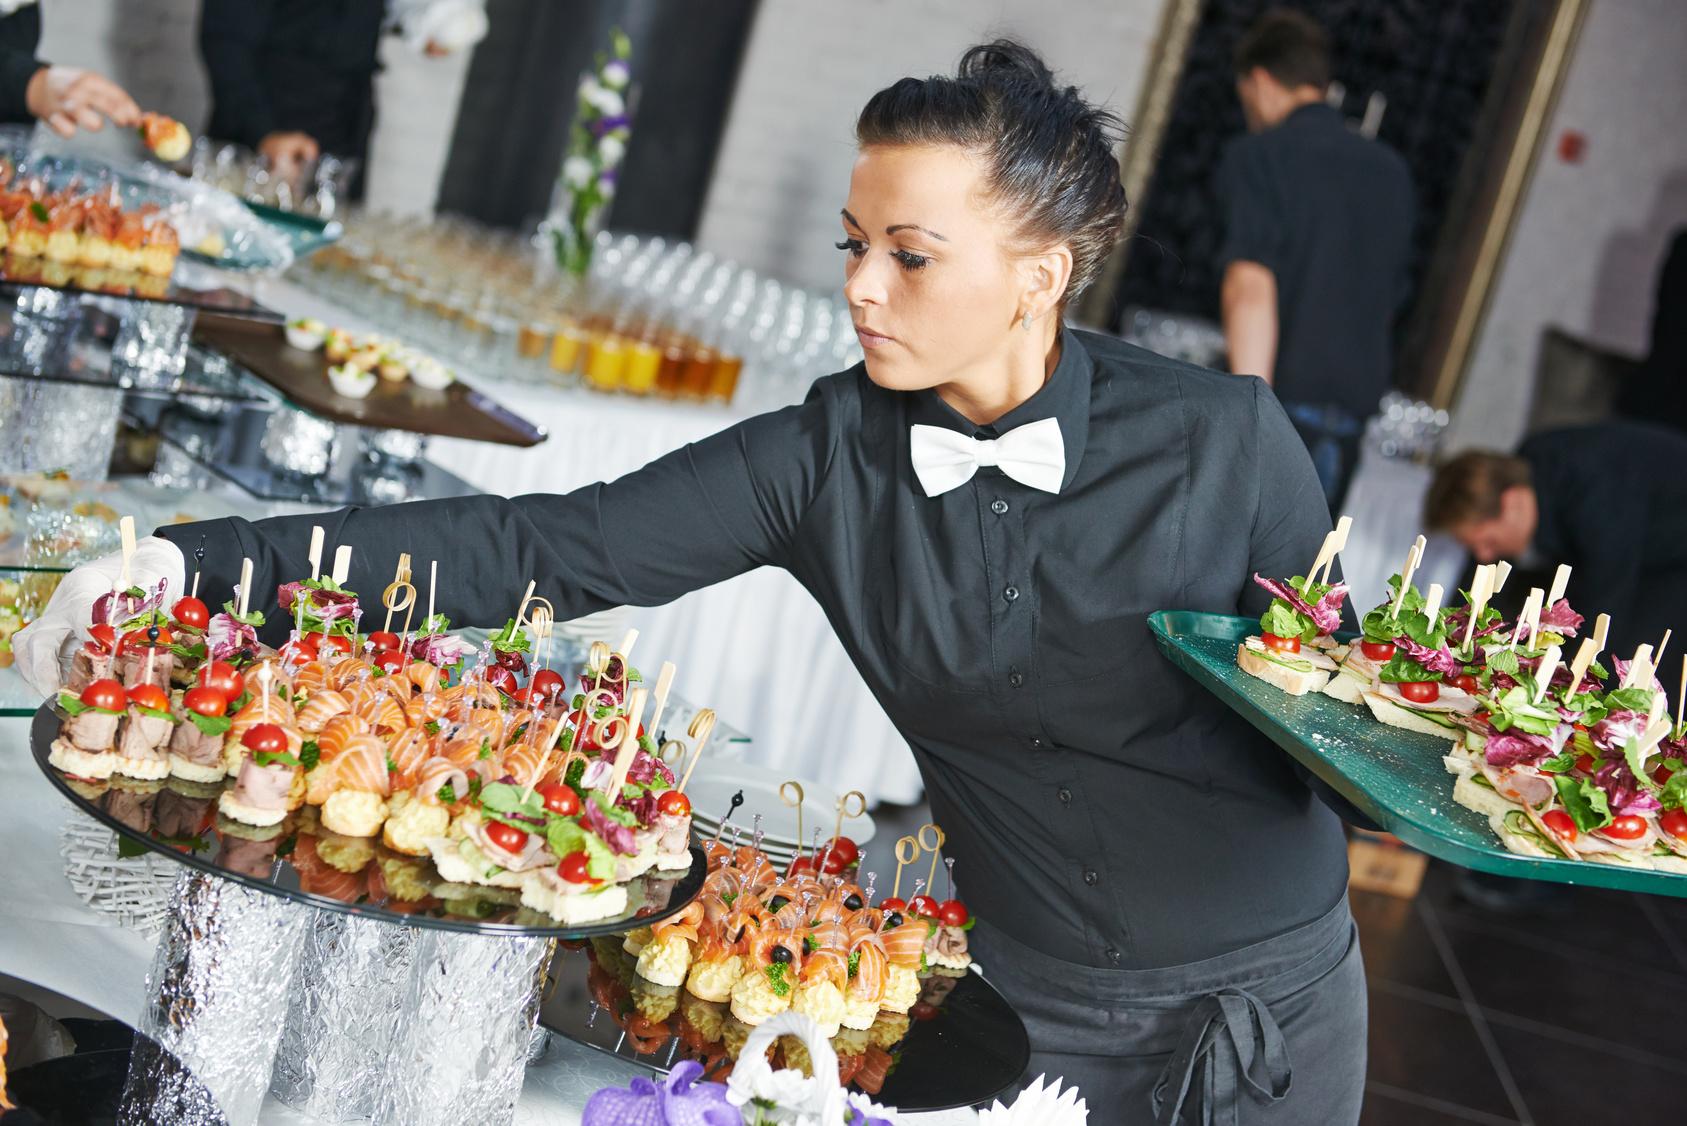 Kellnerin beim Servieren